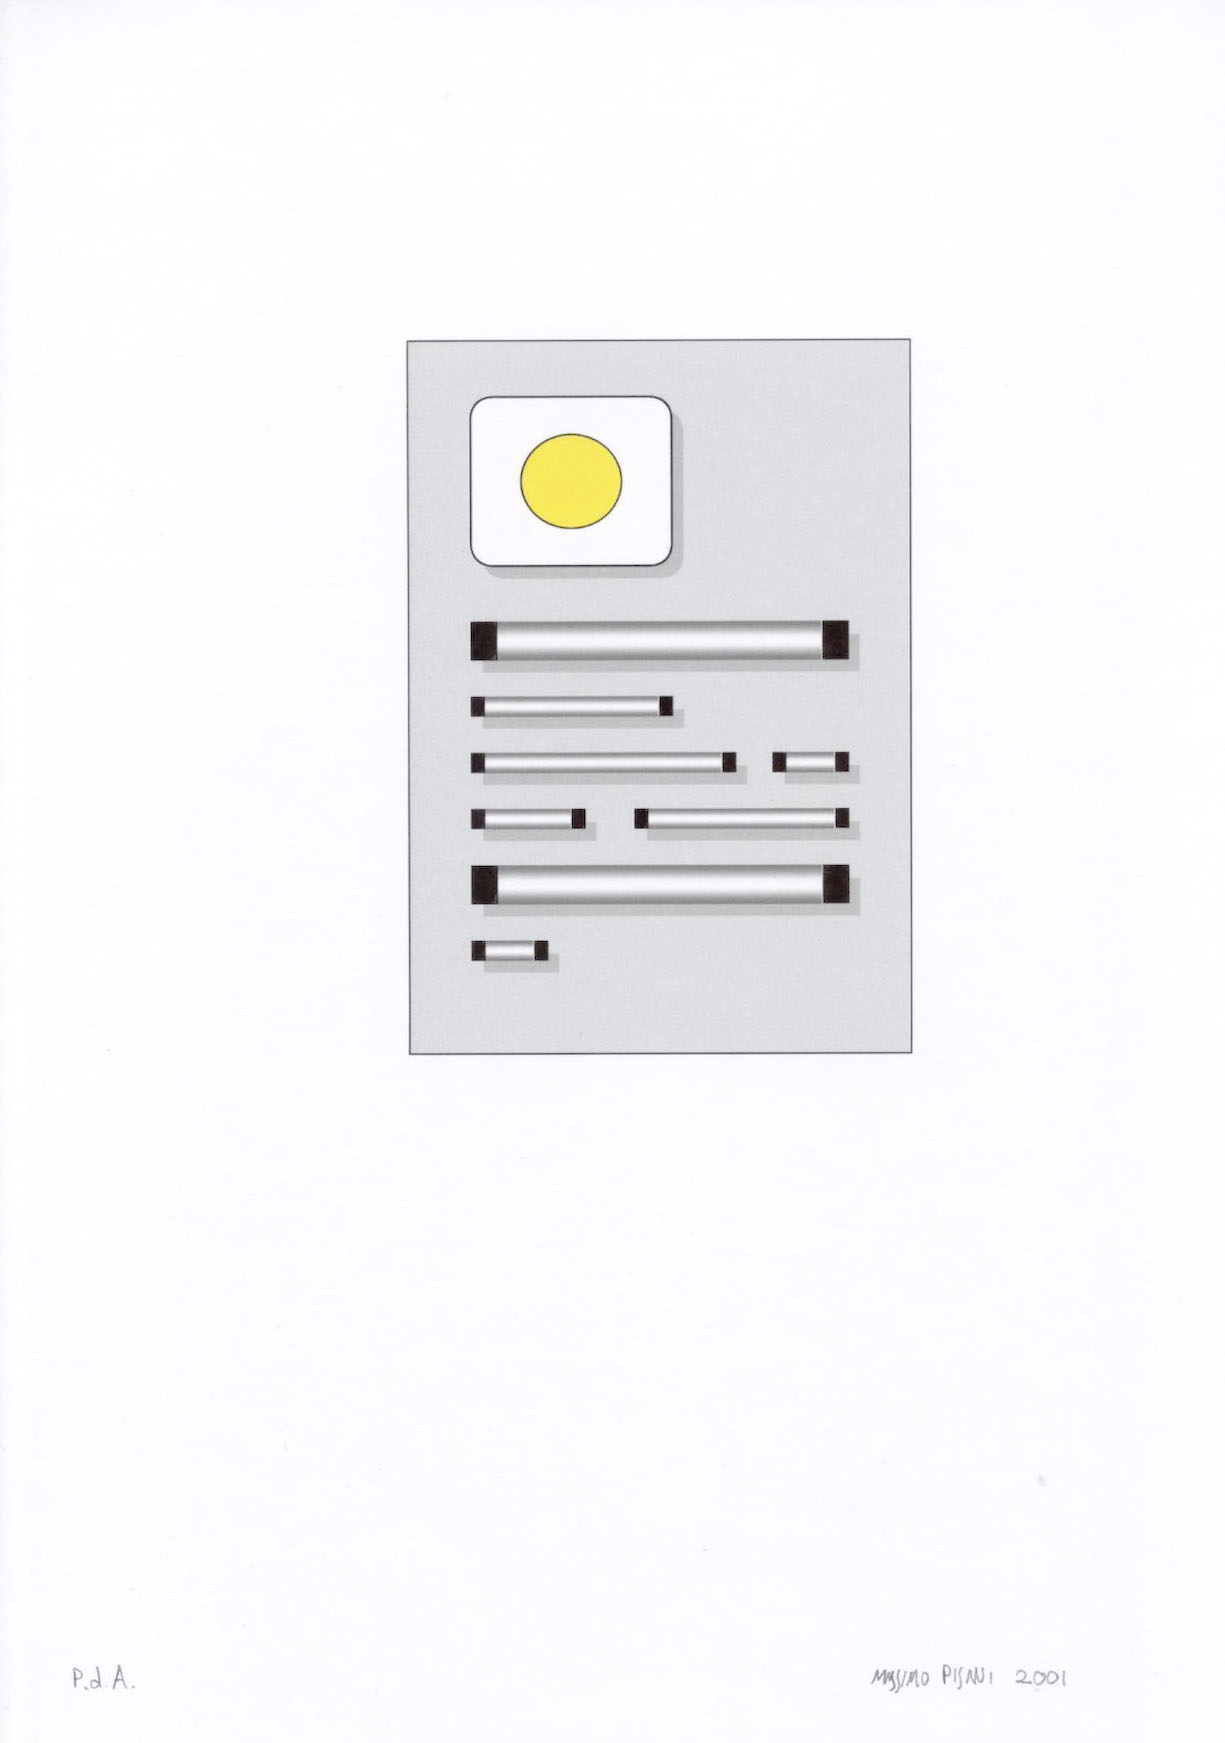 Ilustraciónes para  publicación